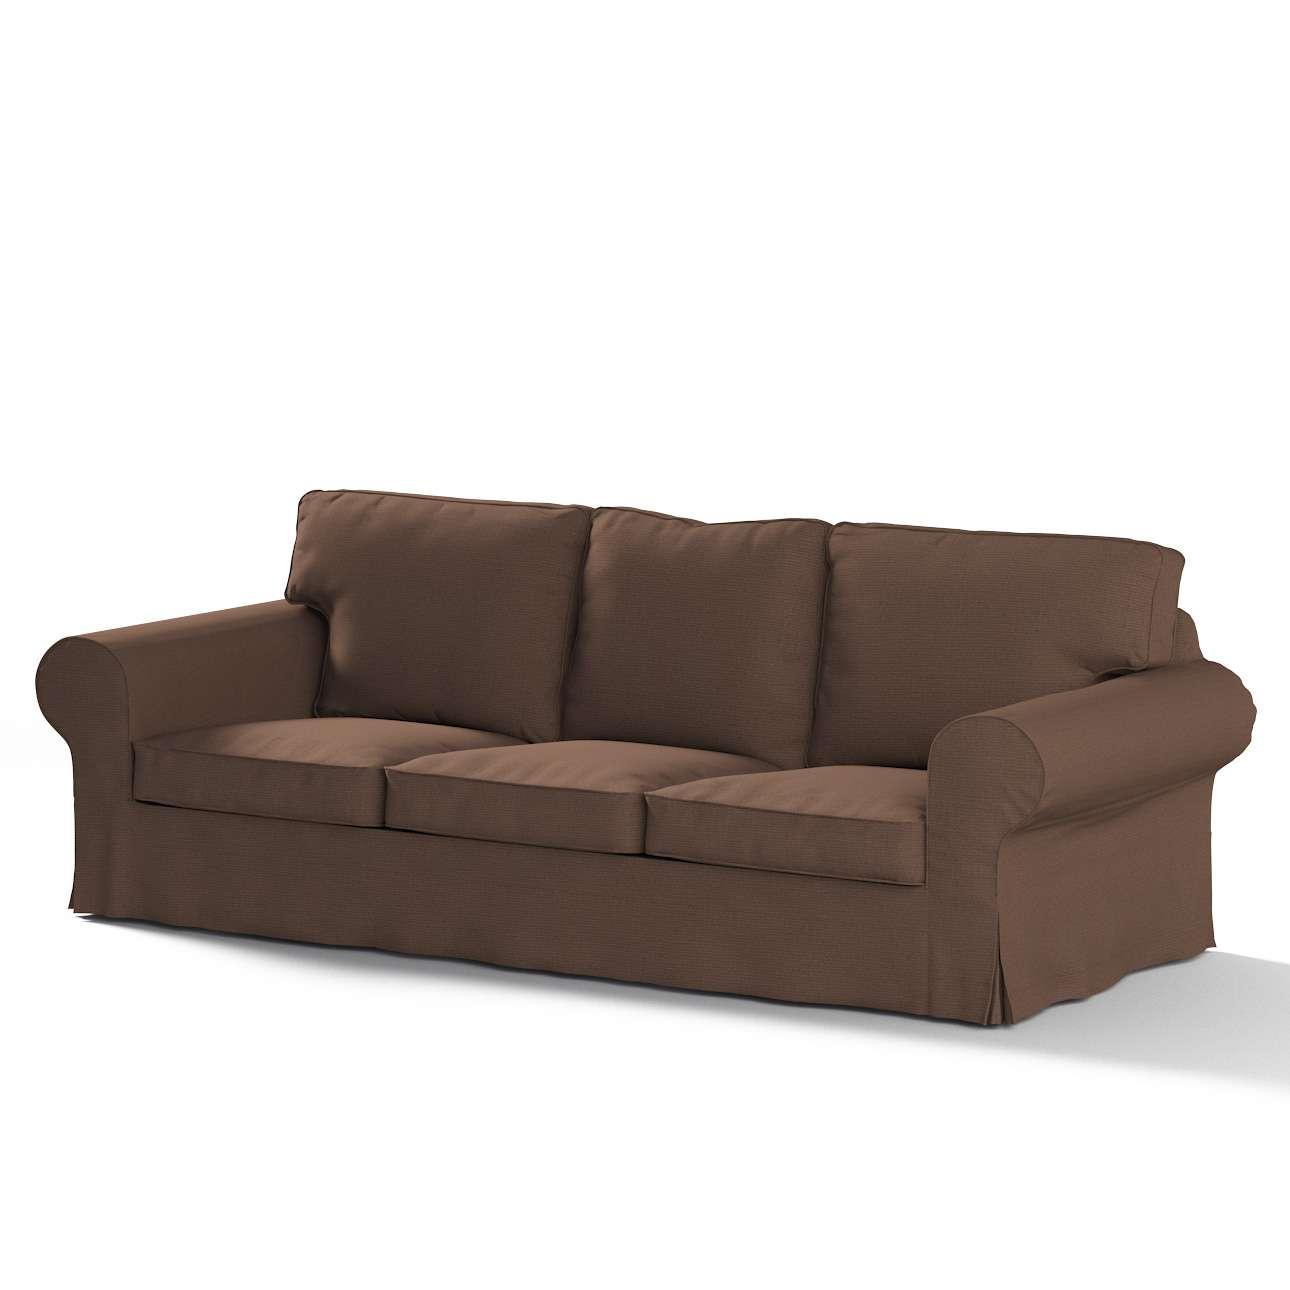 Ektorp trivietės sofos-lovos užvalkalas Ektorp trivietė sofa-lova kolekcijoje Etna , audinys: 705-08